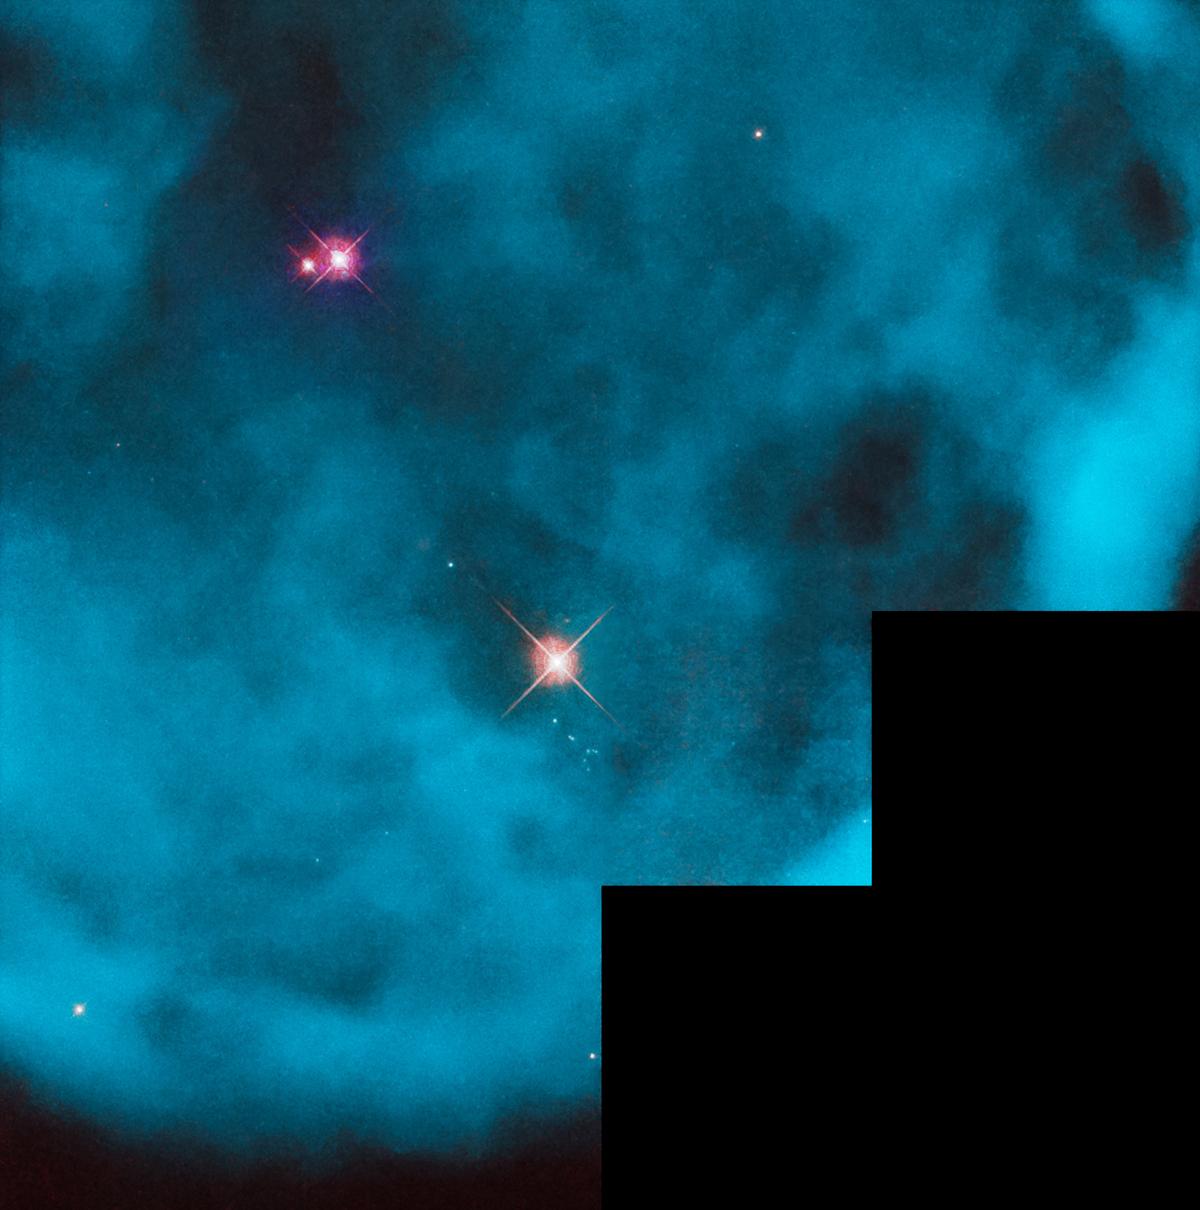 NASA 30 Yeni Uzay Görüntüsü Yayınladı